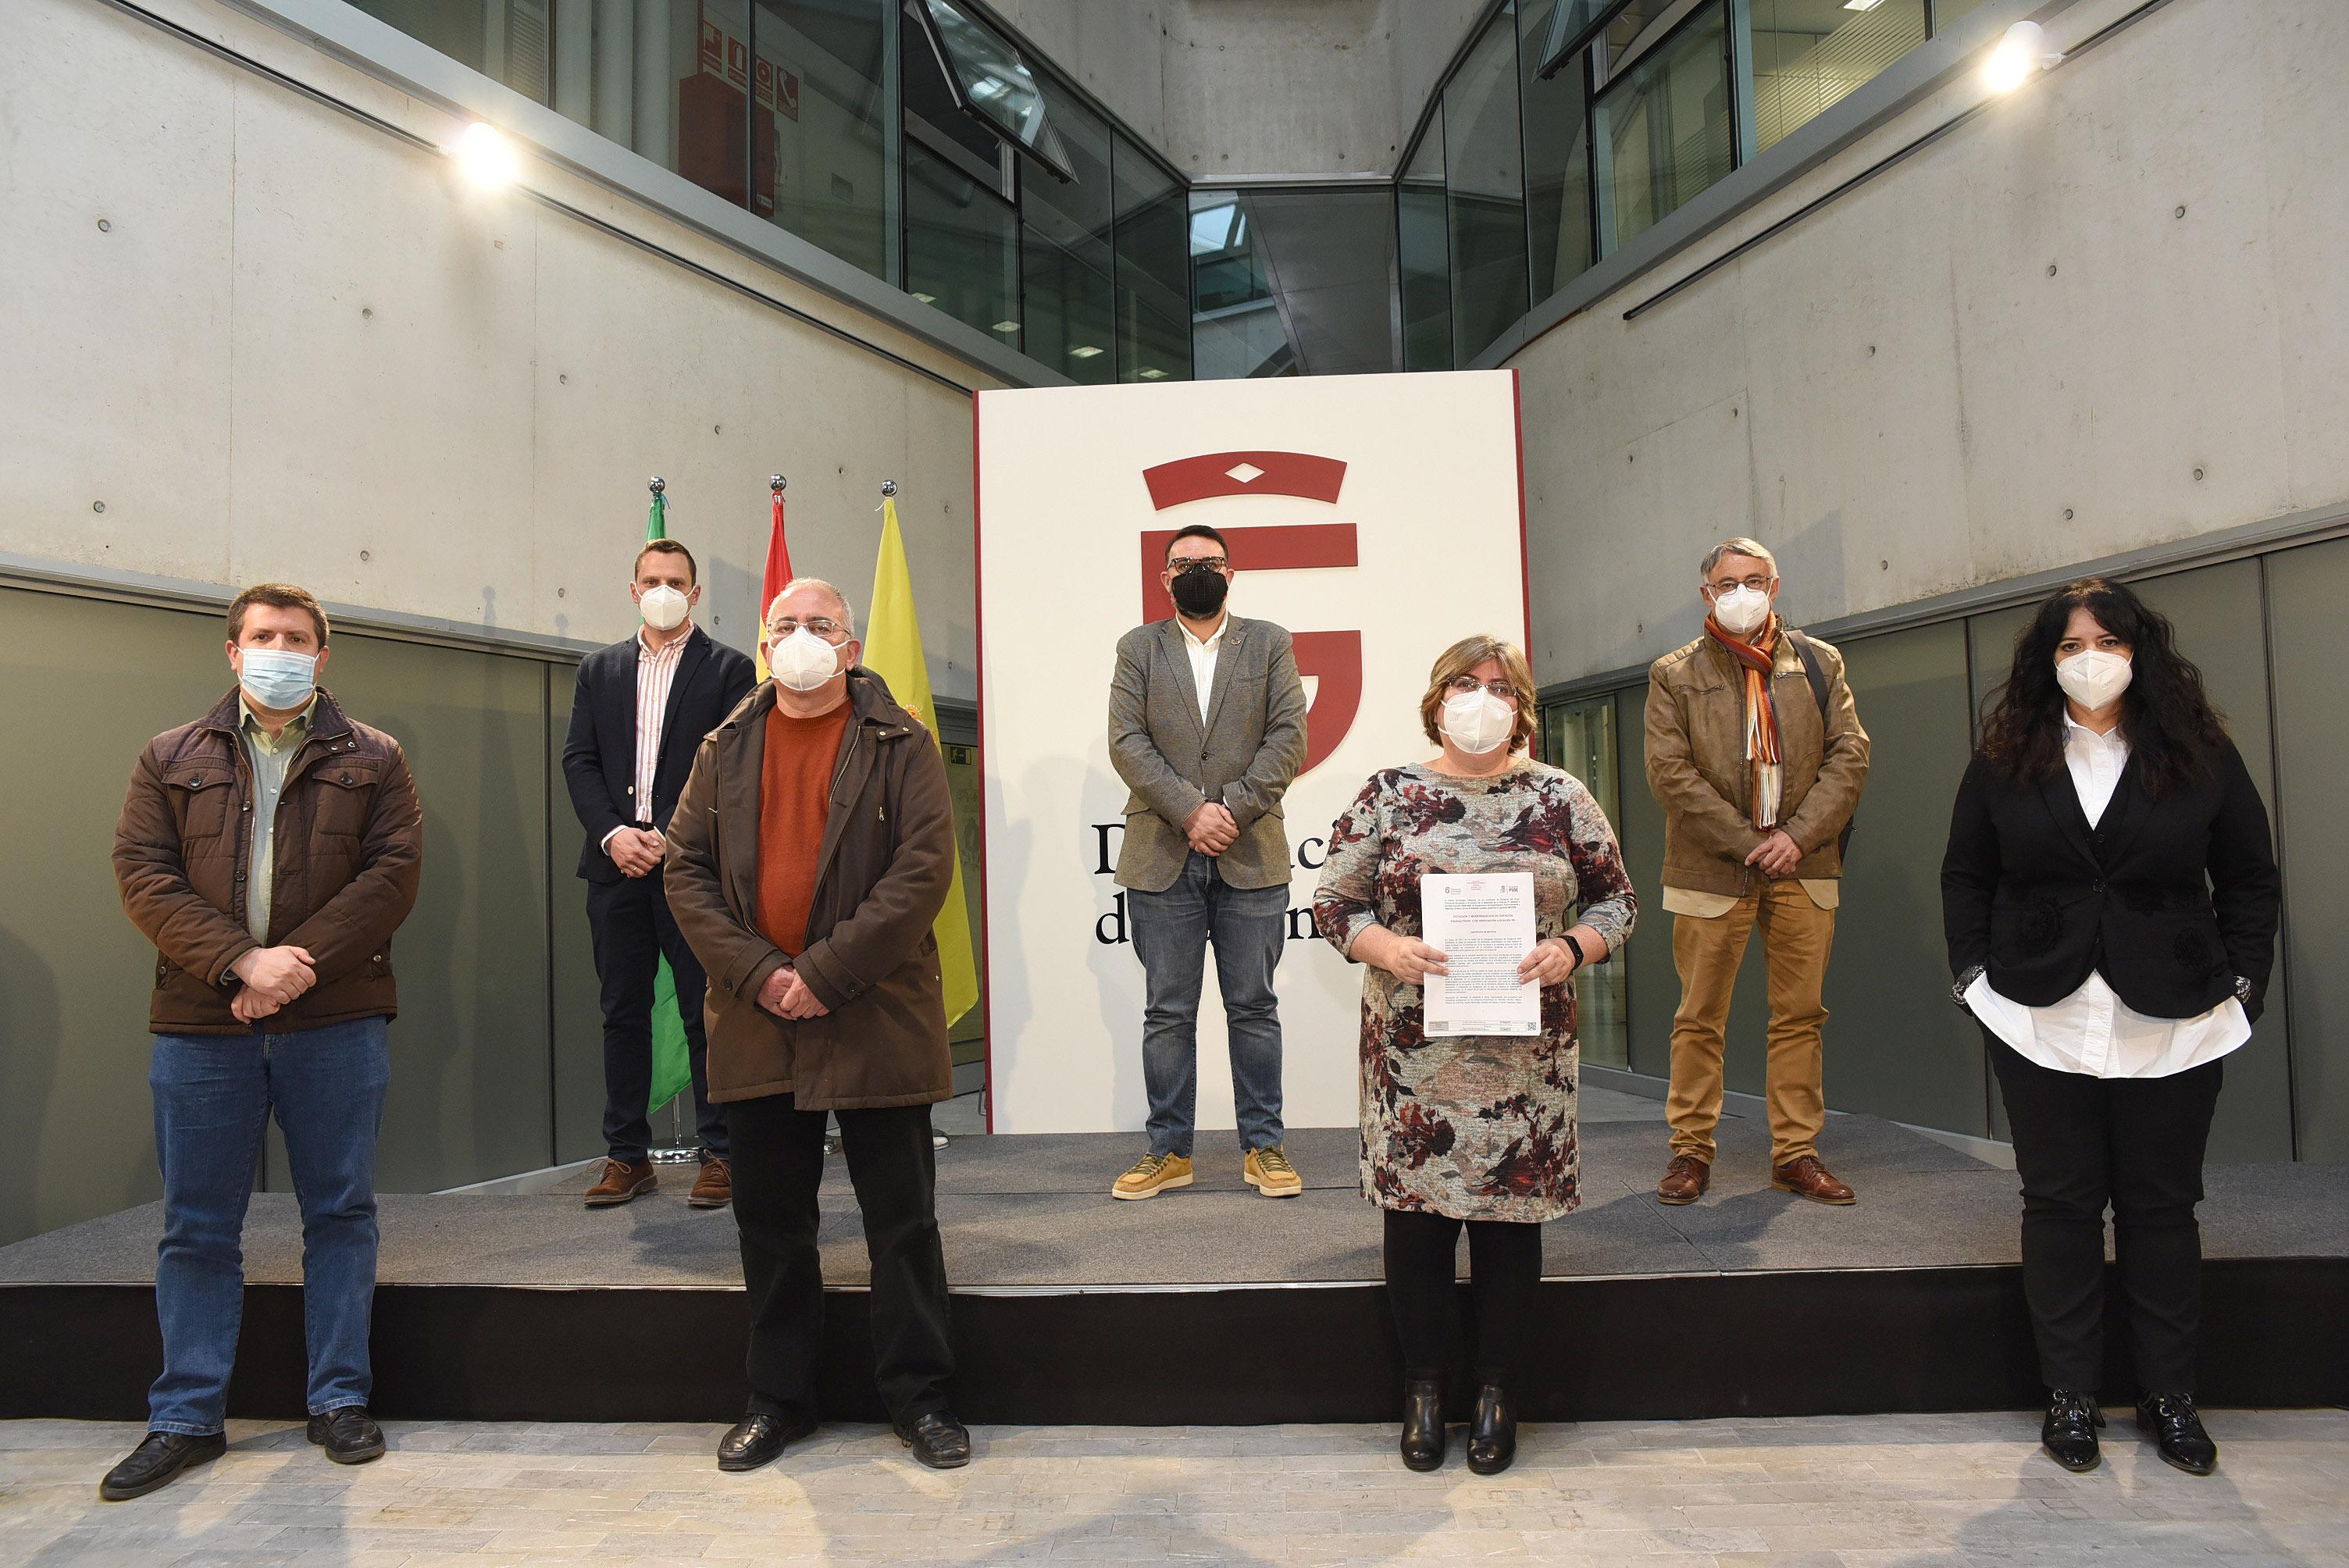 Diputación exige a la Junta que active las ayudas a los polígonos industriales tras 2 años de retraso